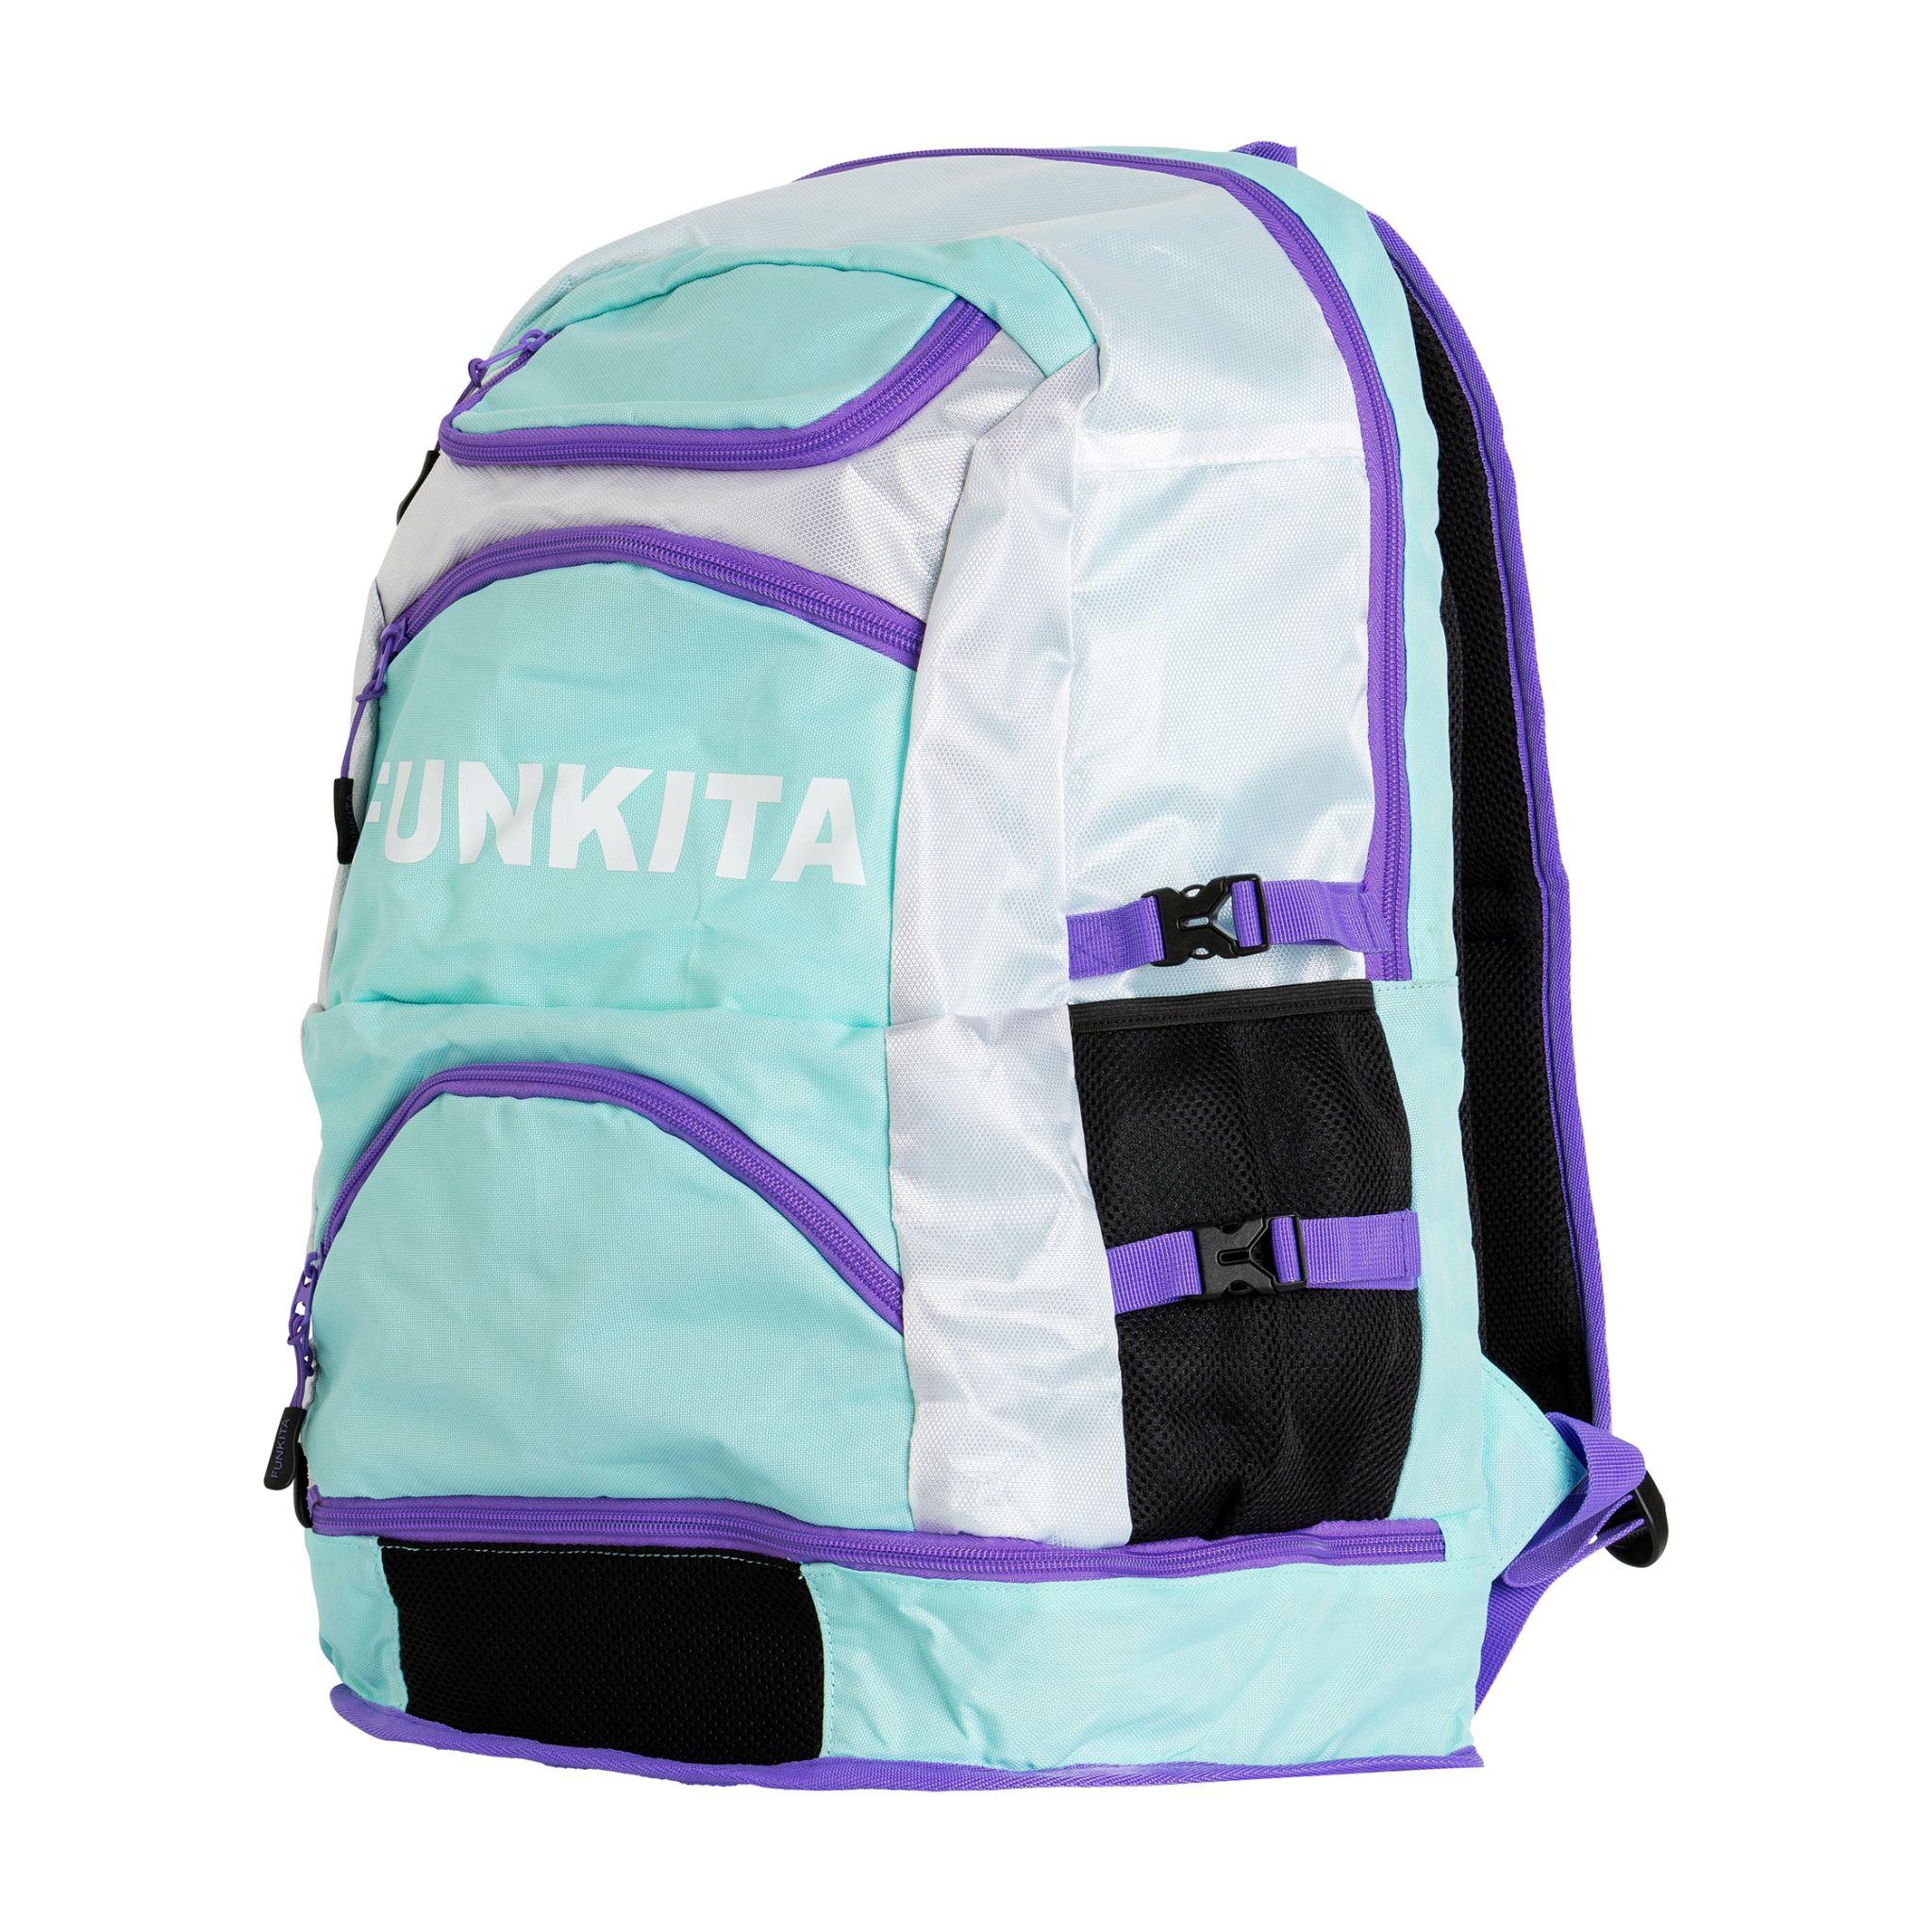 97d74c0391 Batohy mají pohodlná polstrovaná záda a příjemné ramenní popruhy. Dámy  jistě ocení něžný design batohu Funkita Backpack Mint Dreams a pánové  moderní barvy ...